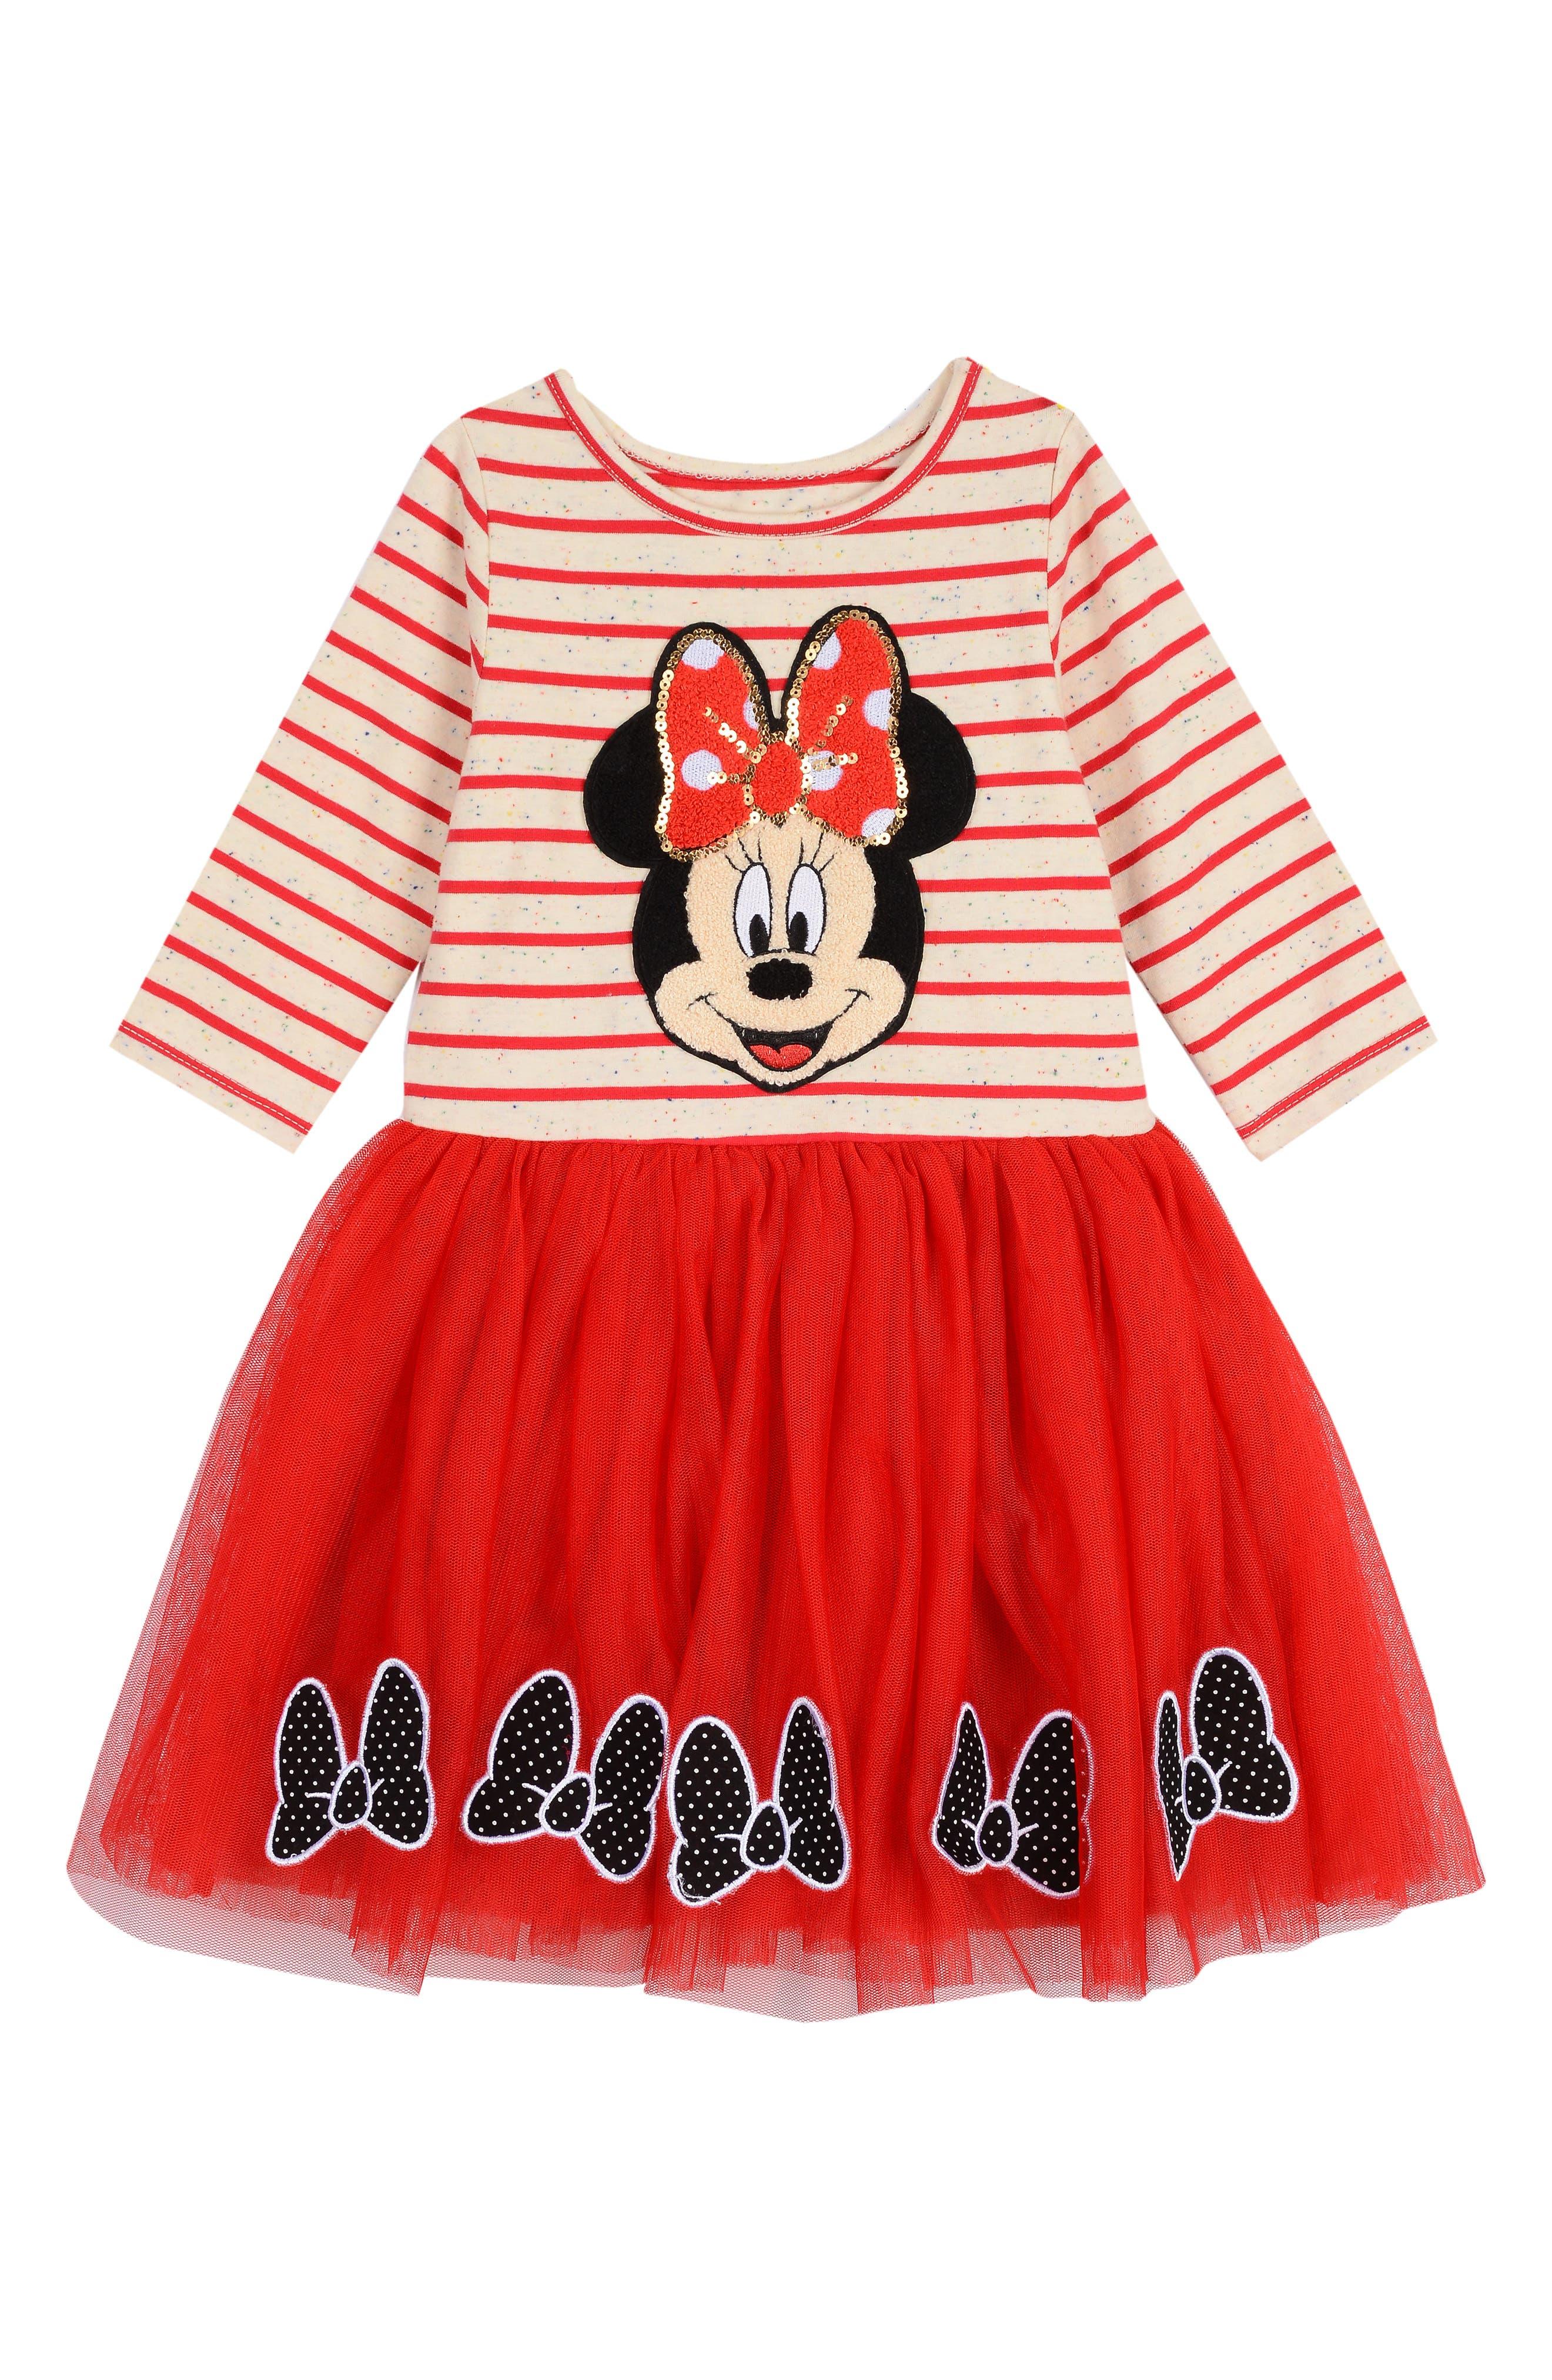 Infant Girls Pippa  Julie X Disney Minnie Long Sleeve TwoTier Tutu Dress Size 03M  Ivory